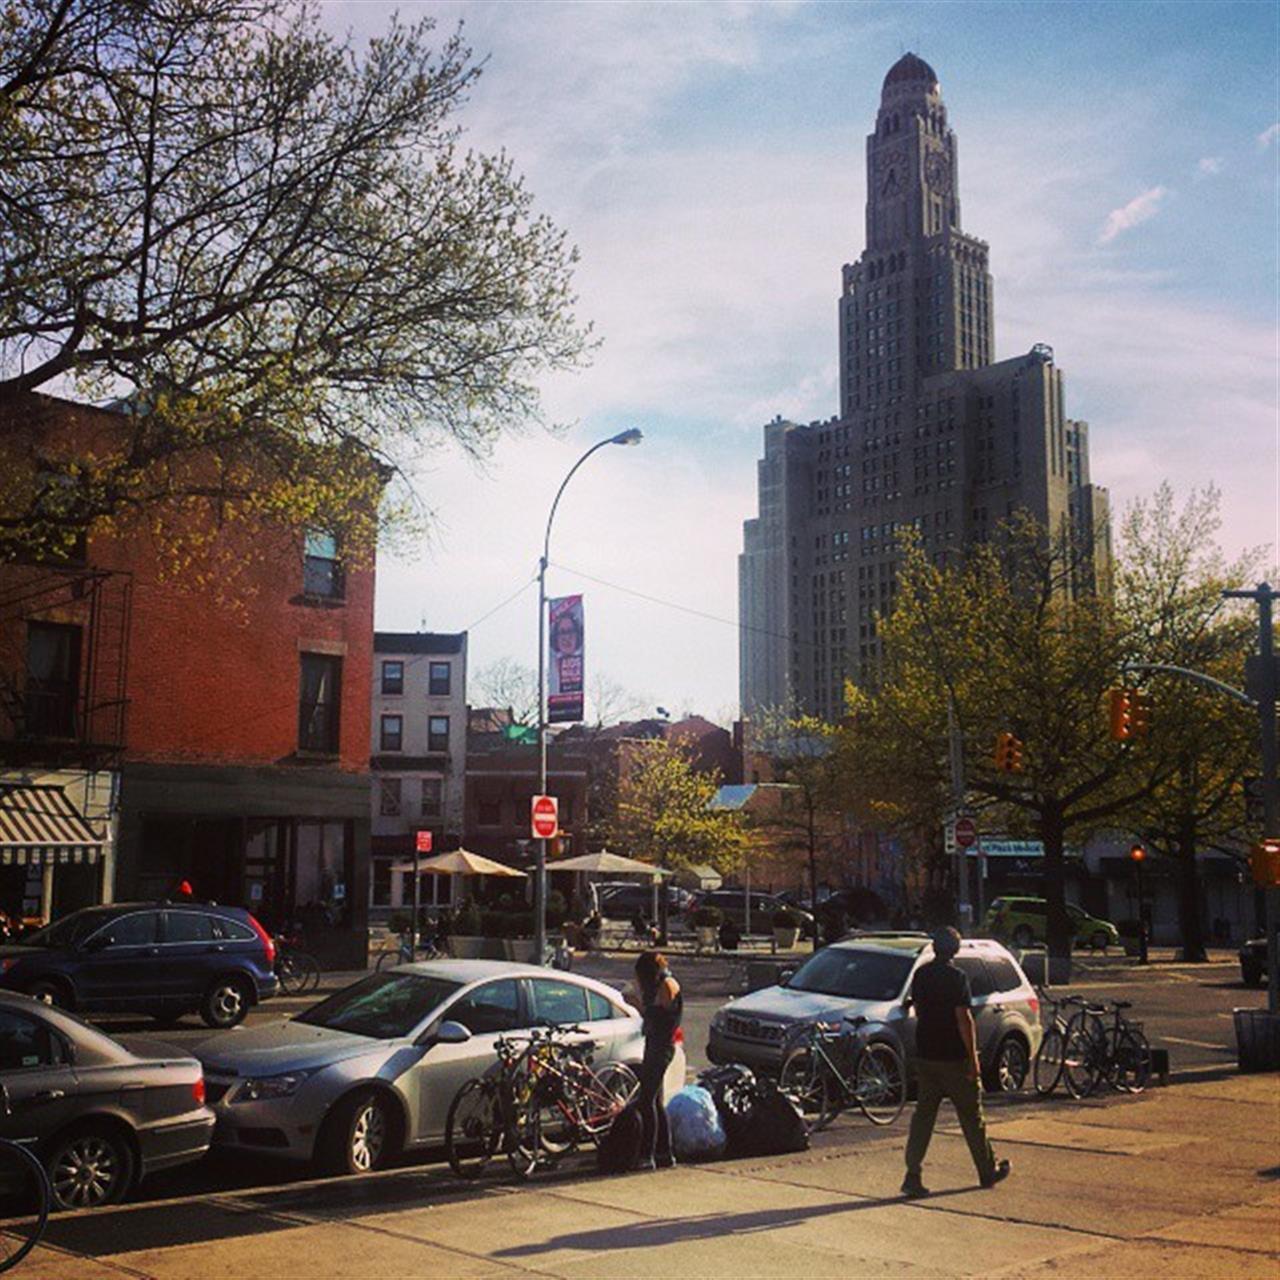 Scenes from Lafayette Avenue in Fort Greene #nyc #fortgreene #brooklyn #usa #realtor #realestate #architecture #city #scenic #landscape #bkoriginal #leadingRElocal